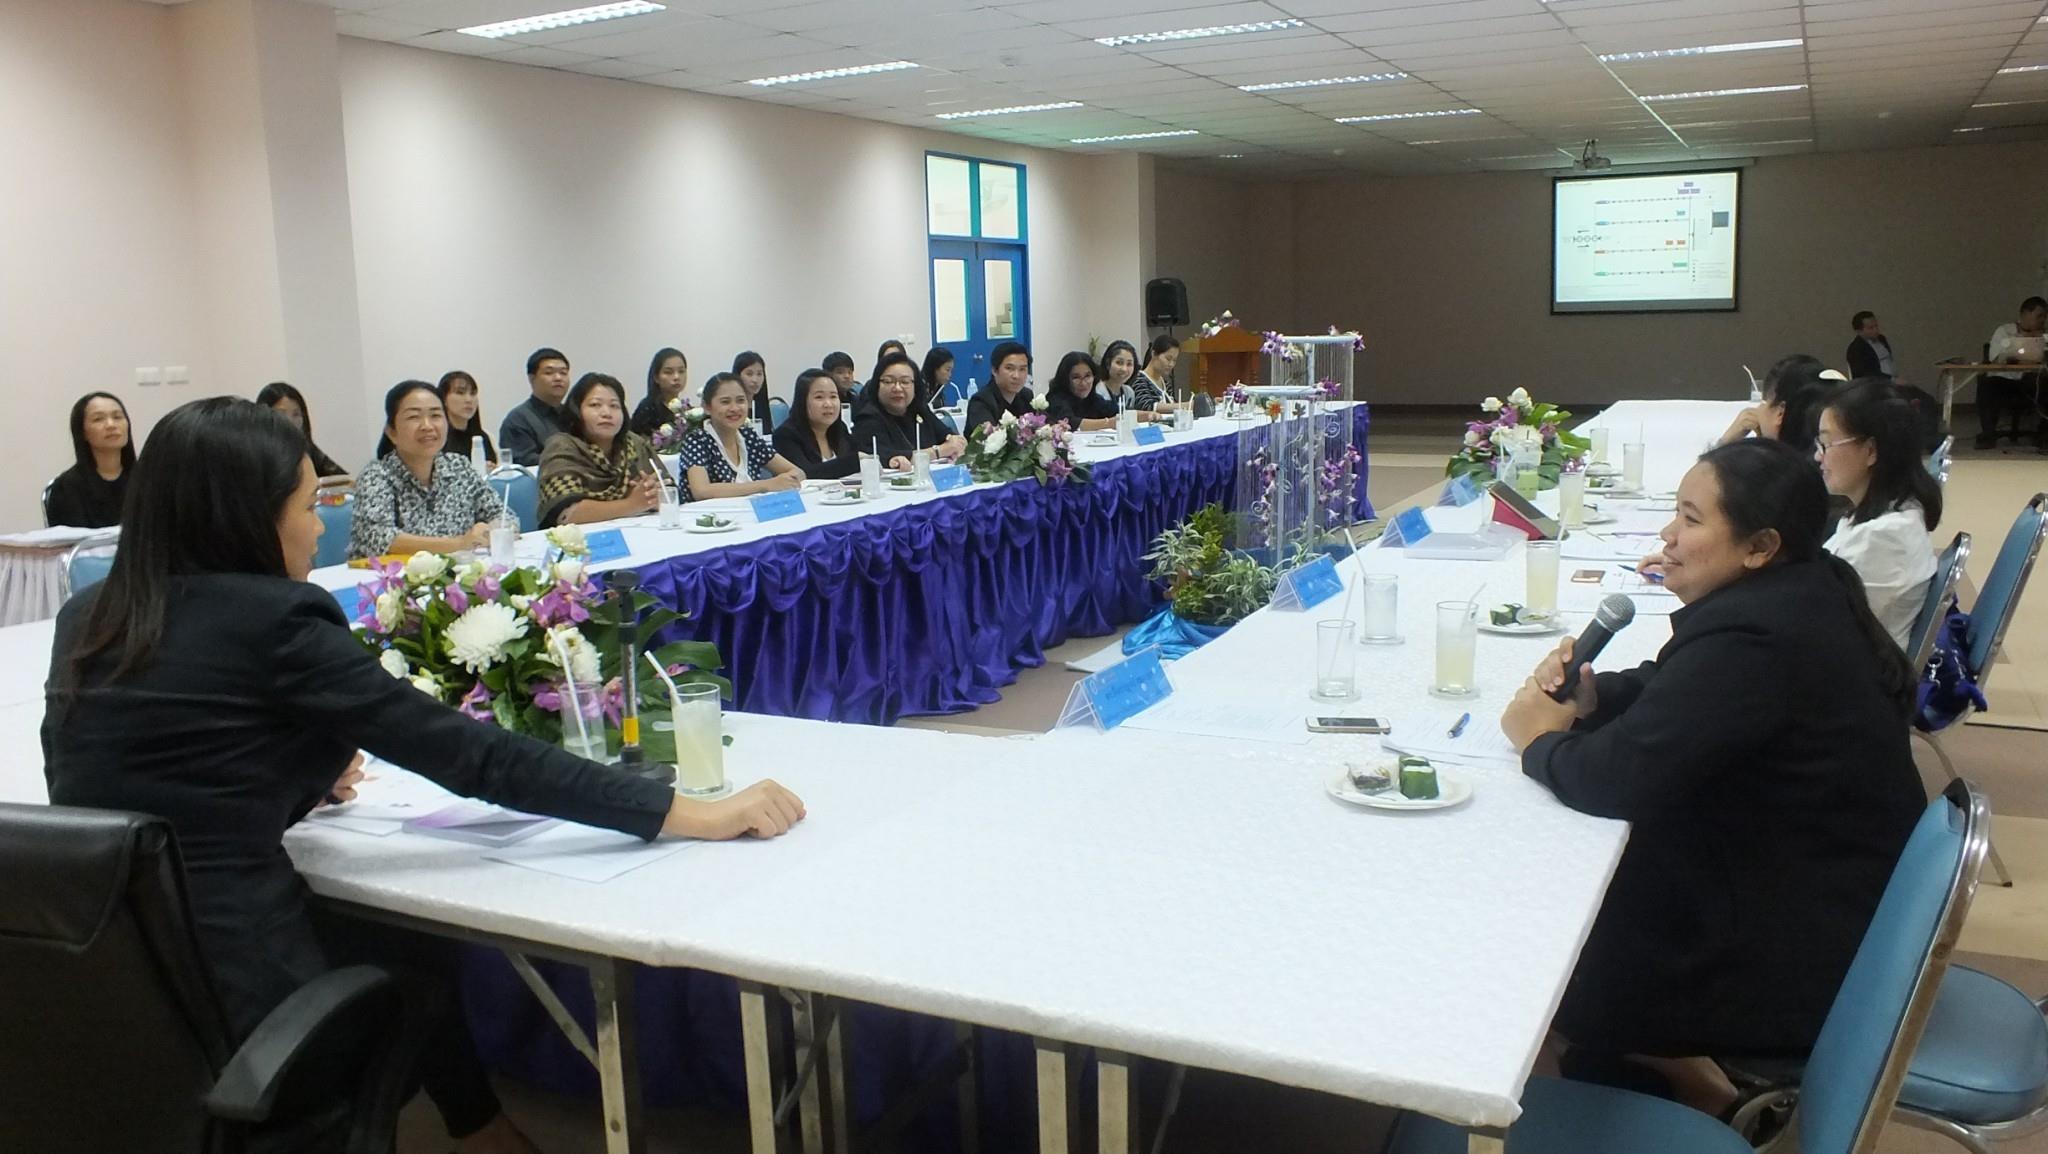 ศูนย์การศึกษานอกที่ตั้ง นครนายก ต้อนรับสำนักบริหารกลยุทธ์ ในการประชุมเรื่อง การประกันคุณภาพการศึกษา SDU QA